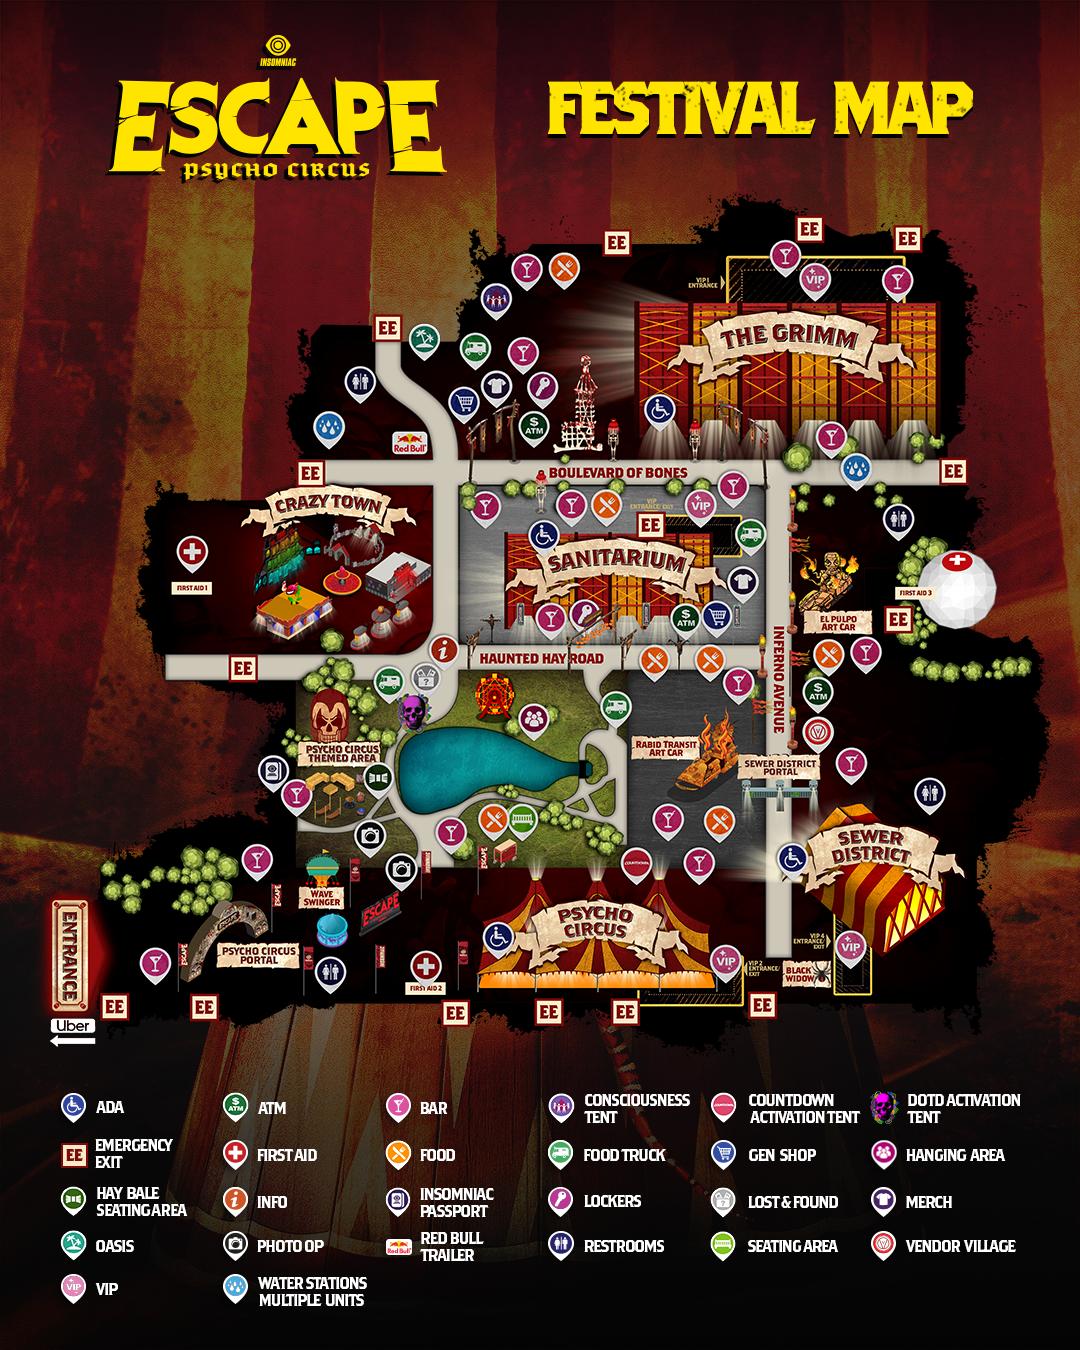 Escape Festival map